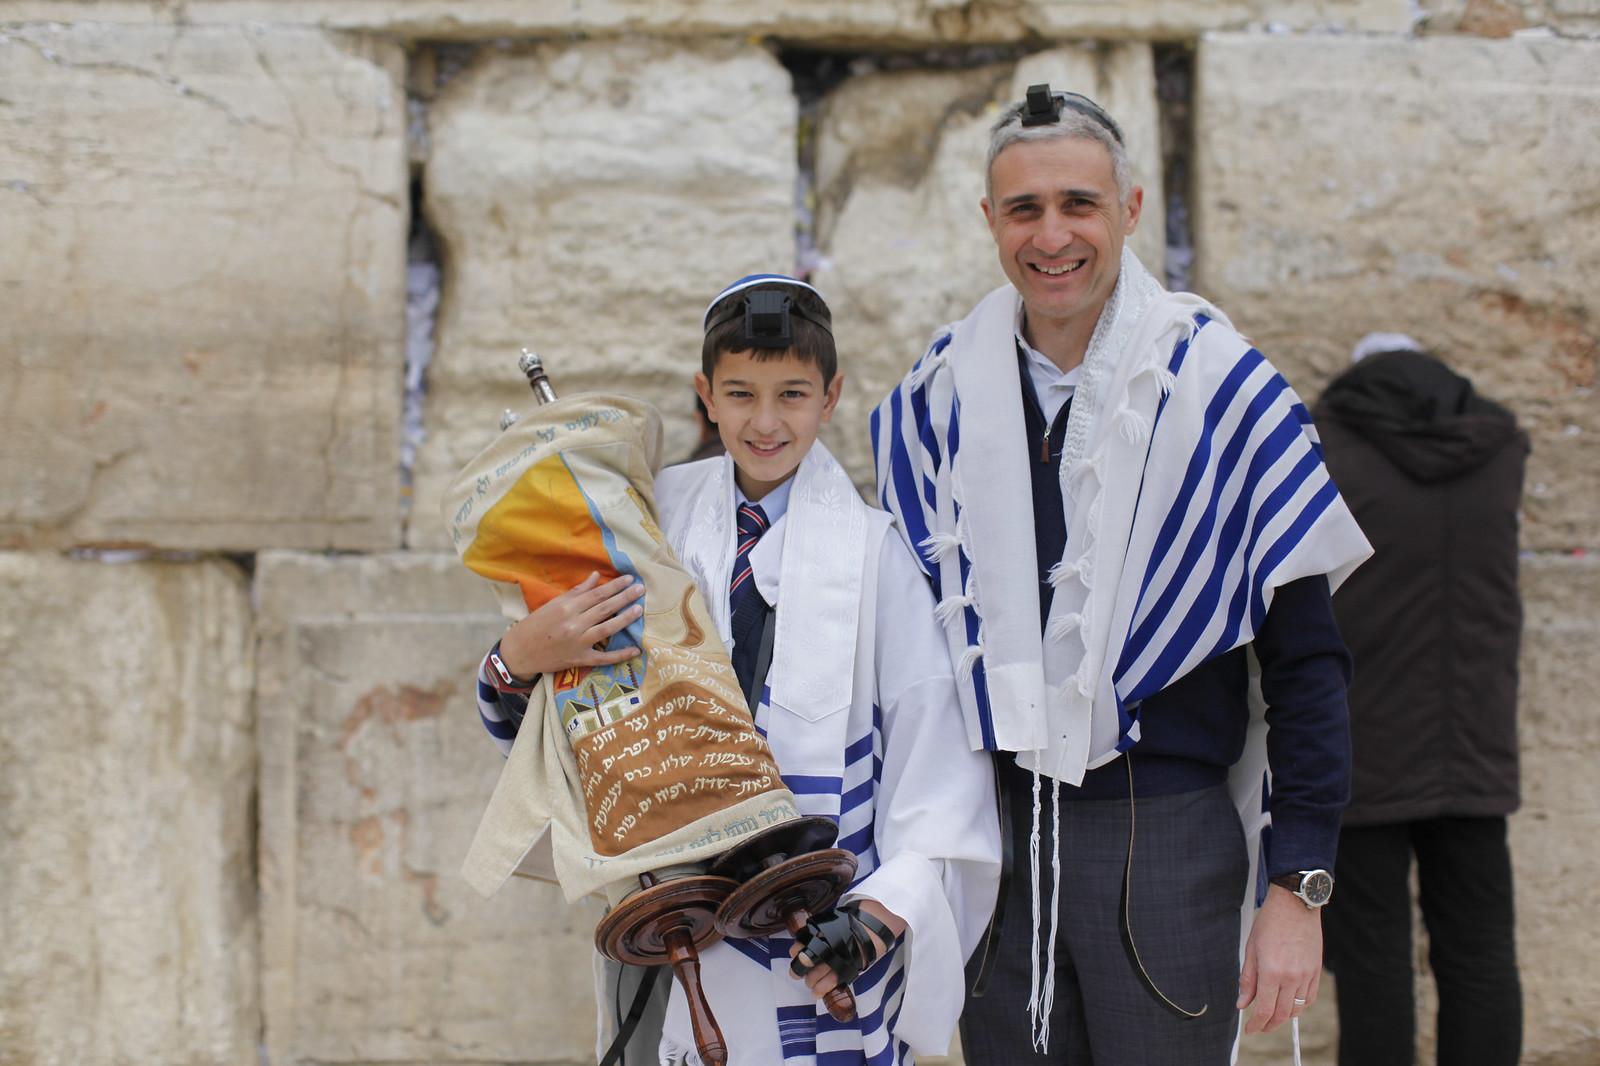 Bar Mitzvah 15_Jerusalem_9728_Yonatan Sindel_Flash 90_IMOT